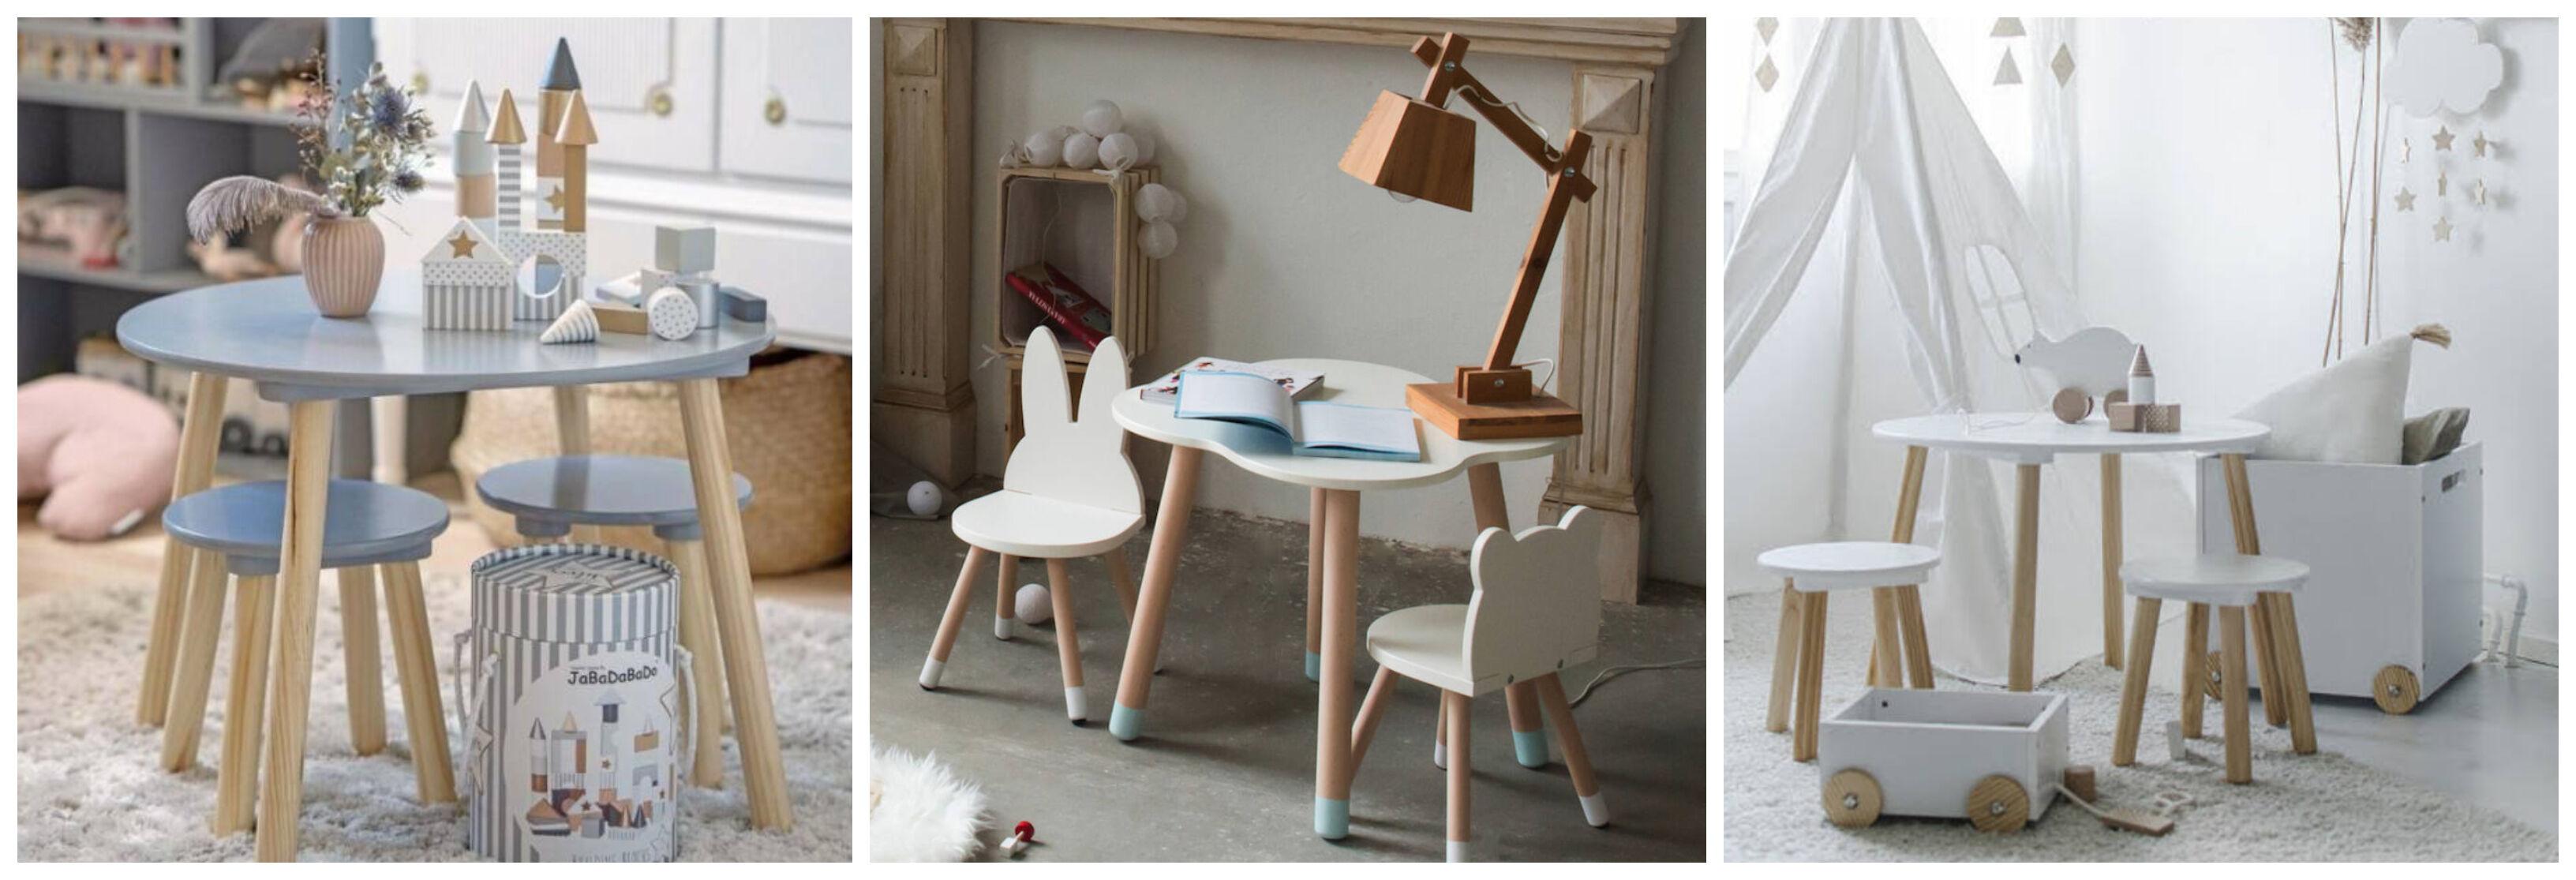 gyerekasztal és kis szék